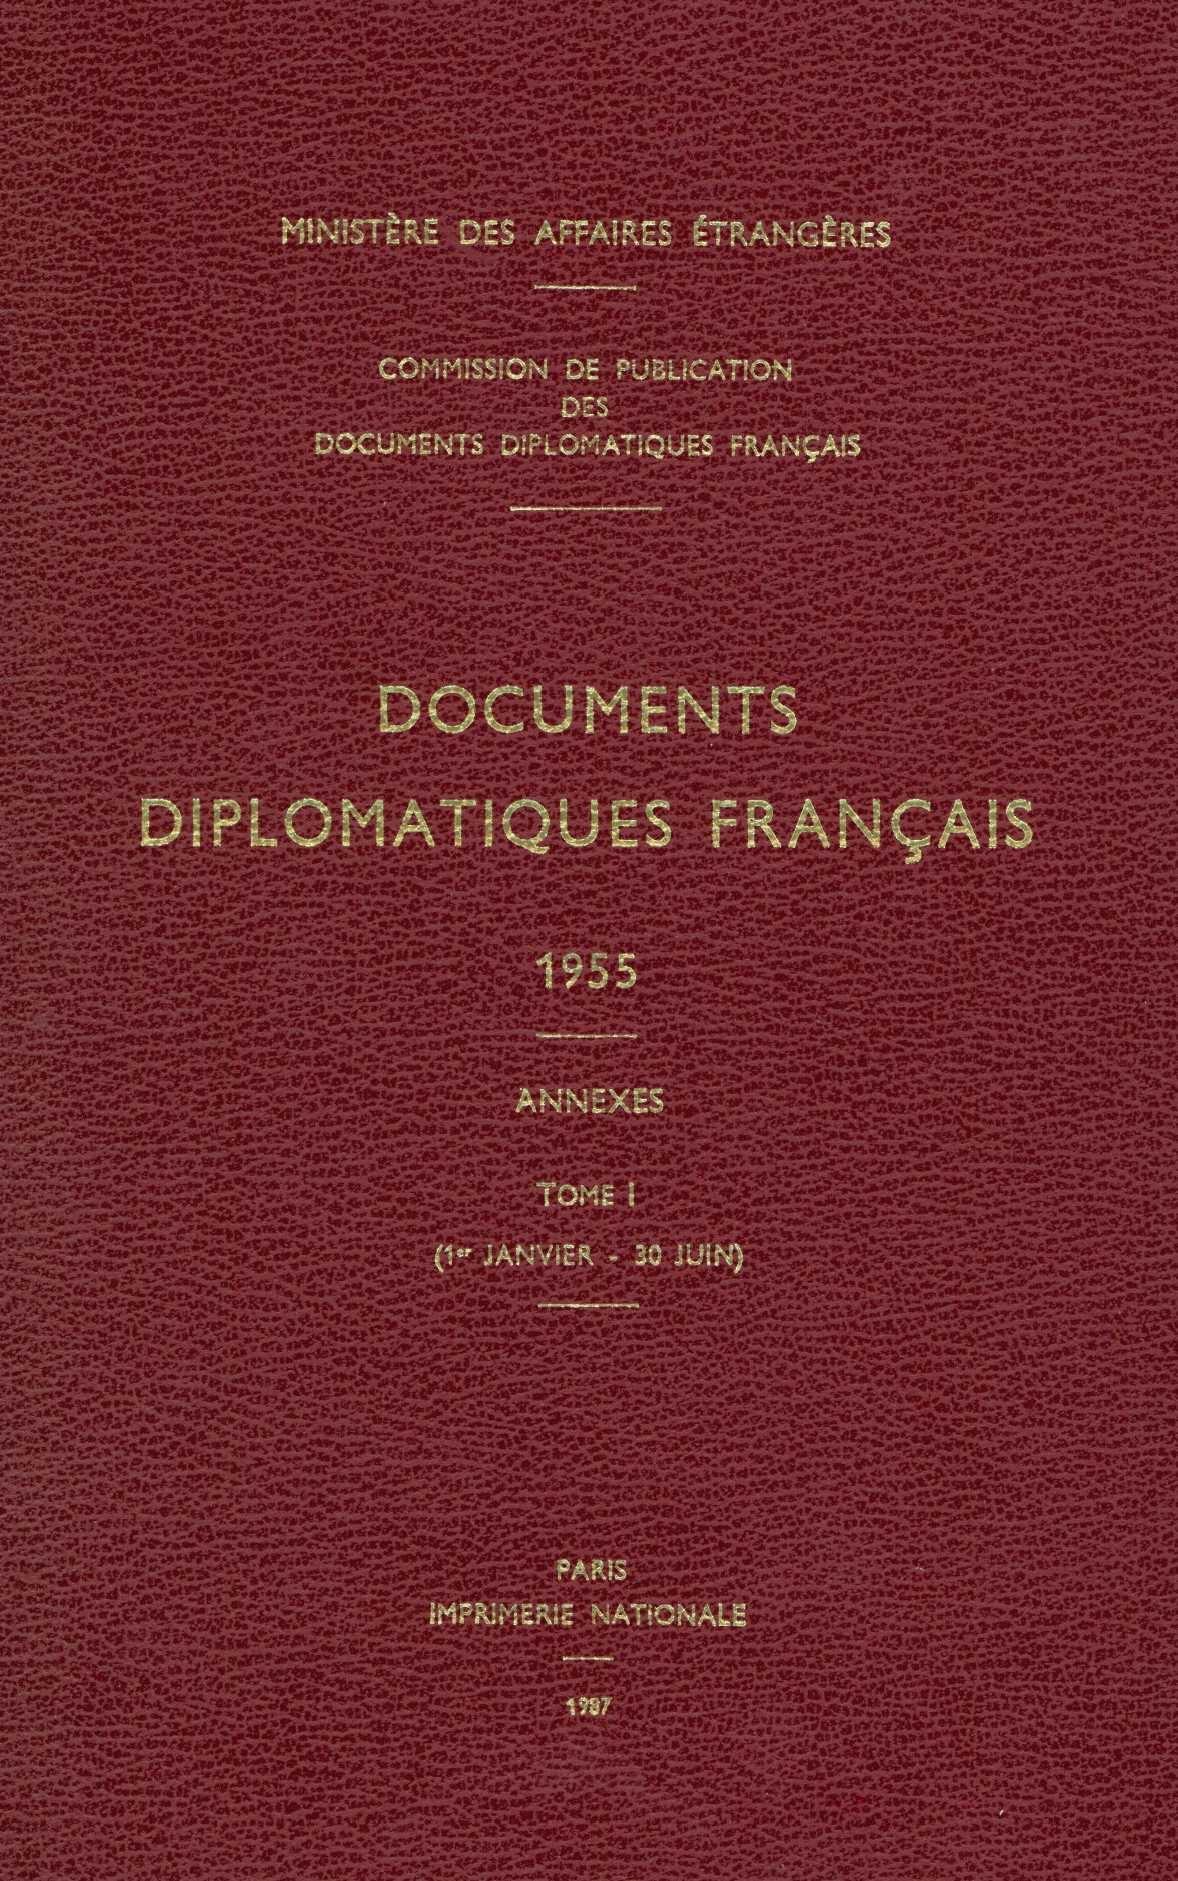 DOCUMENTS DIPLOMATIQUES FRANCAIS - 1955 - TOME I / ANNEXES (1ER JANVIER - 30 JUIN)